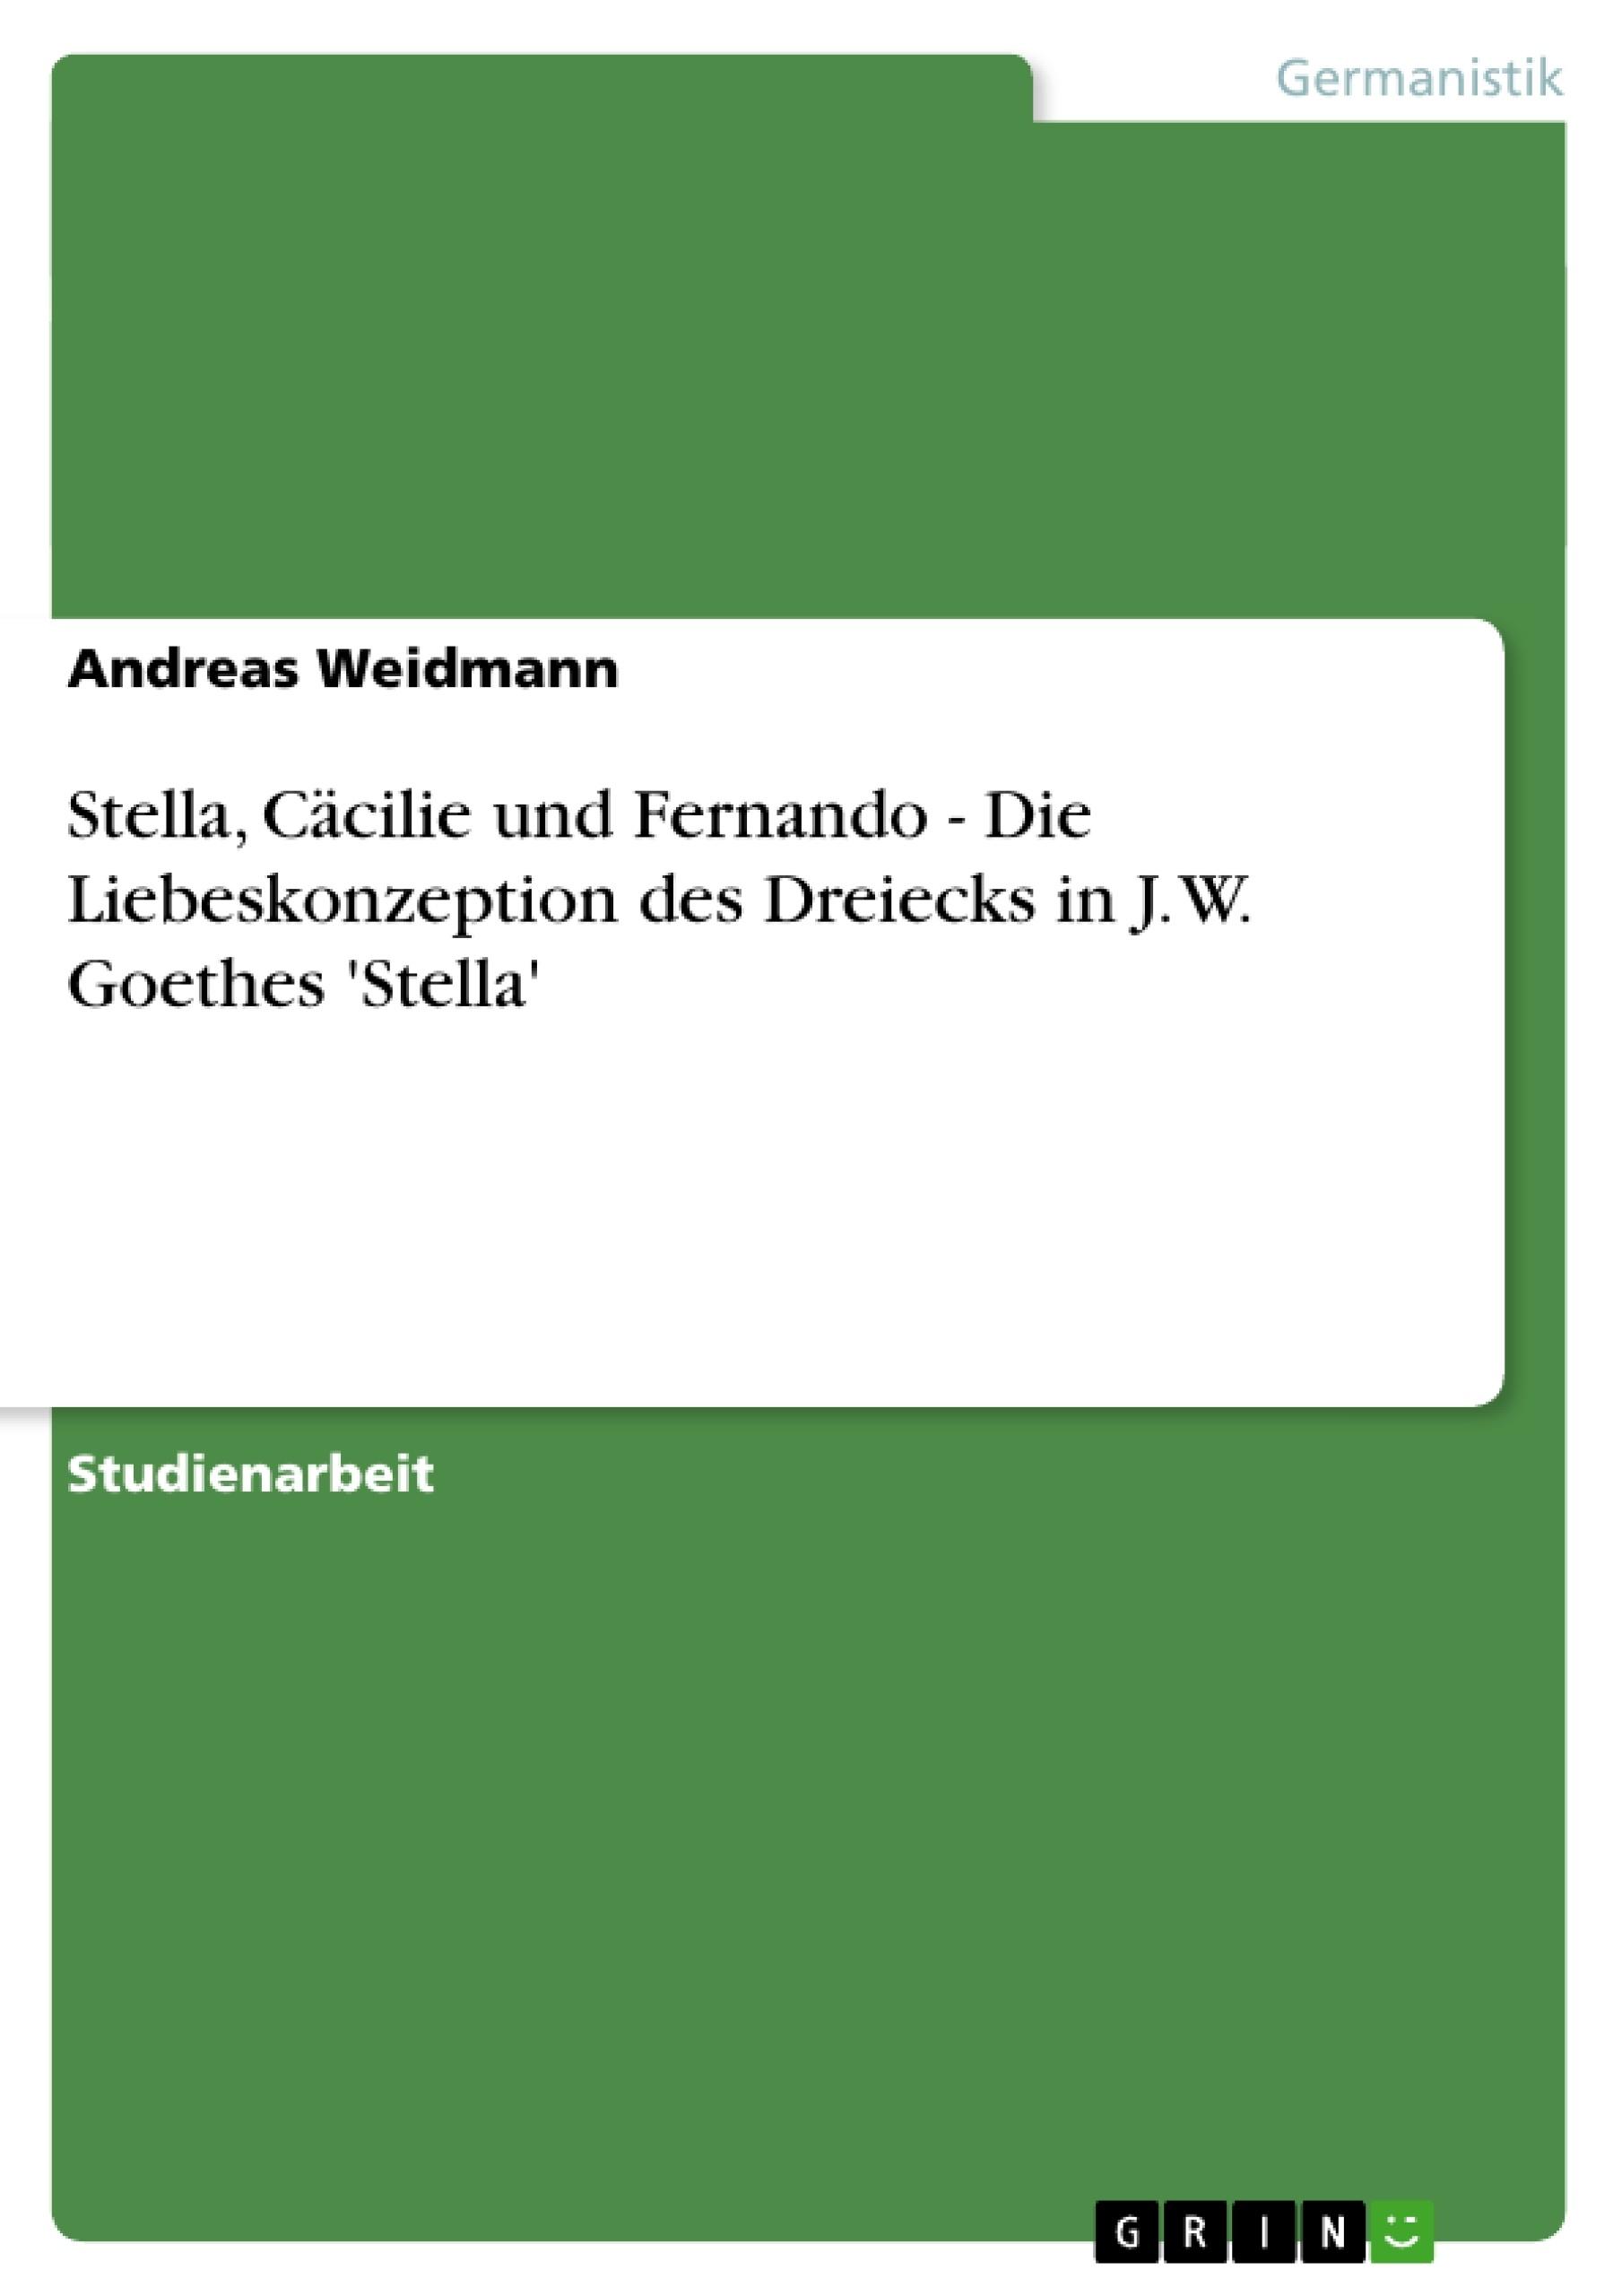 Titel: Stella, Cäcilie und Fernando - Die Liebeskonzeption des Dreiecks in J. W. Goethes 'Stella'